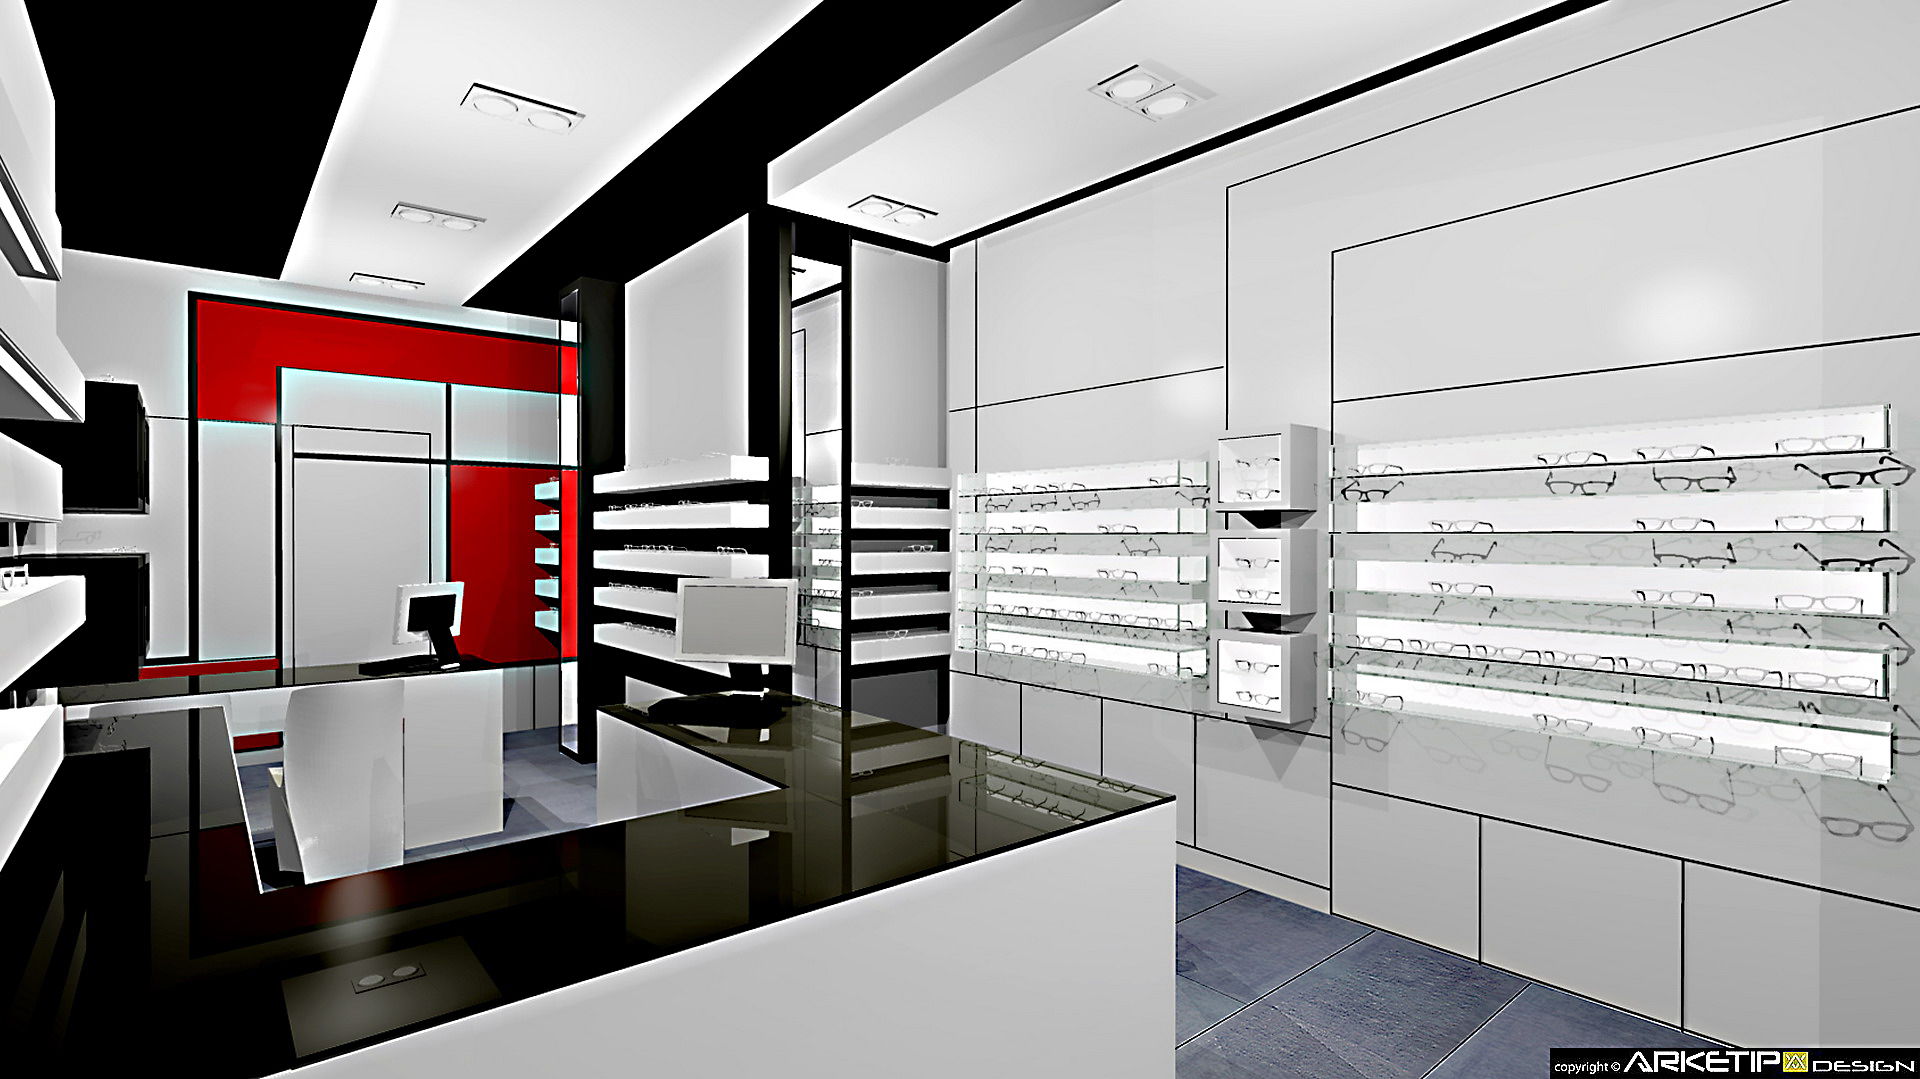 Arredamento ottica del sorbo negozio ottica angri sa for Arredamento negozi